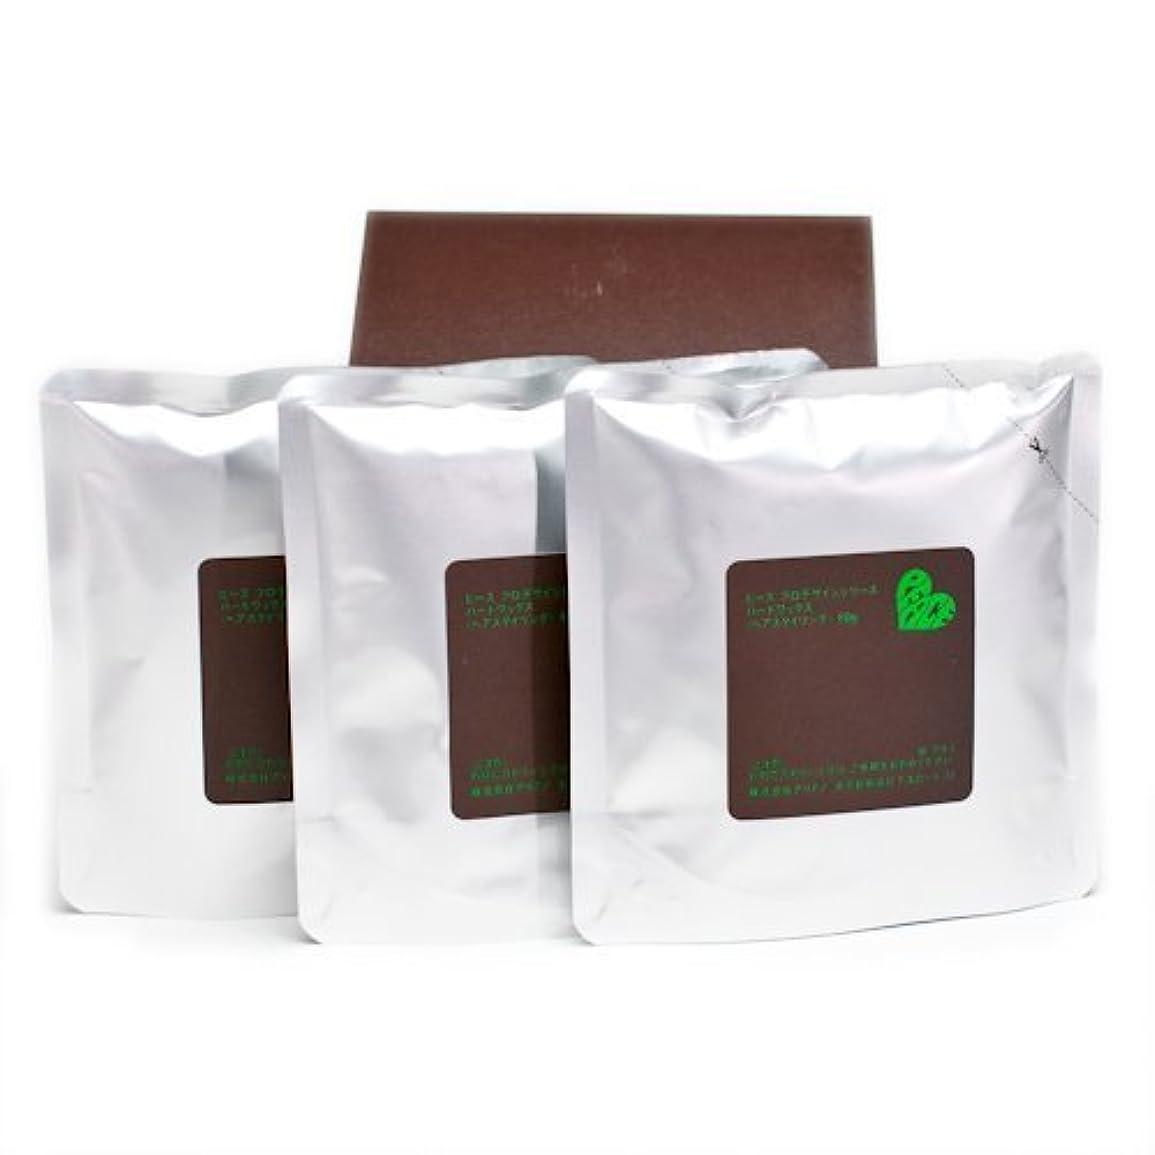 切手収束威するアリミノ ピース ハードワックス (チョコ) 80g(業務?詰替用)×3個入り